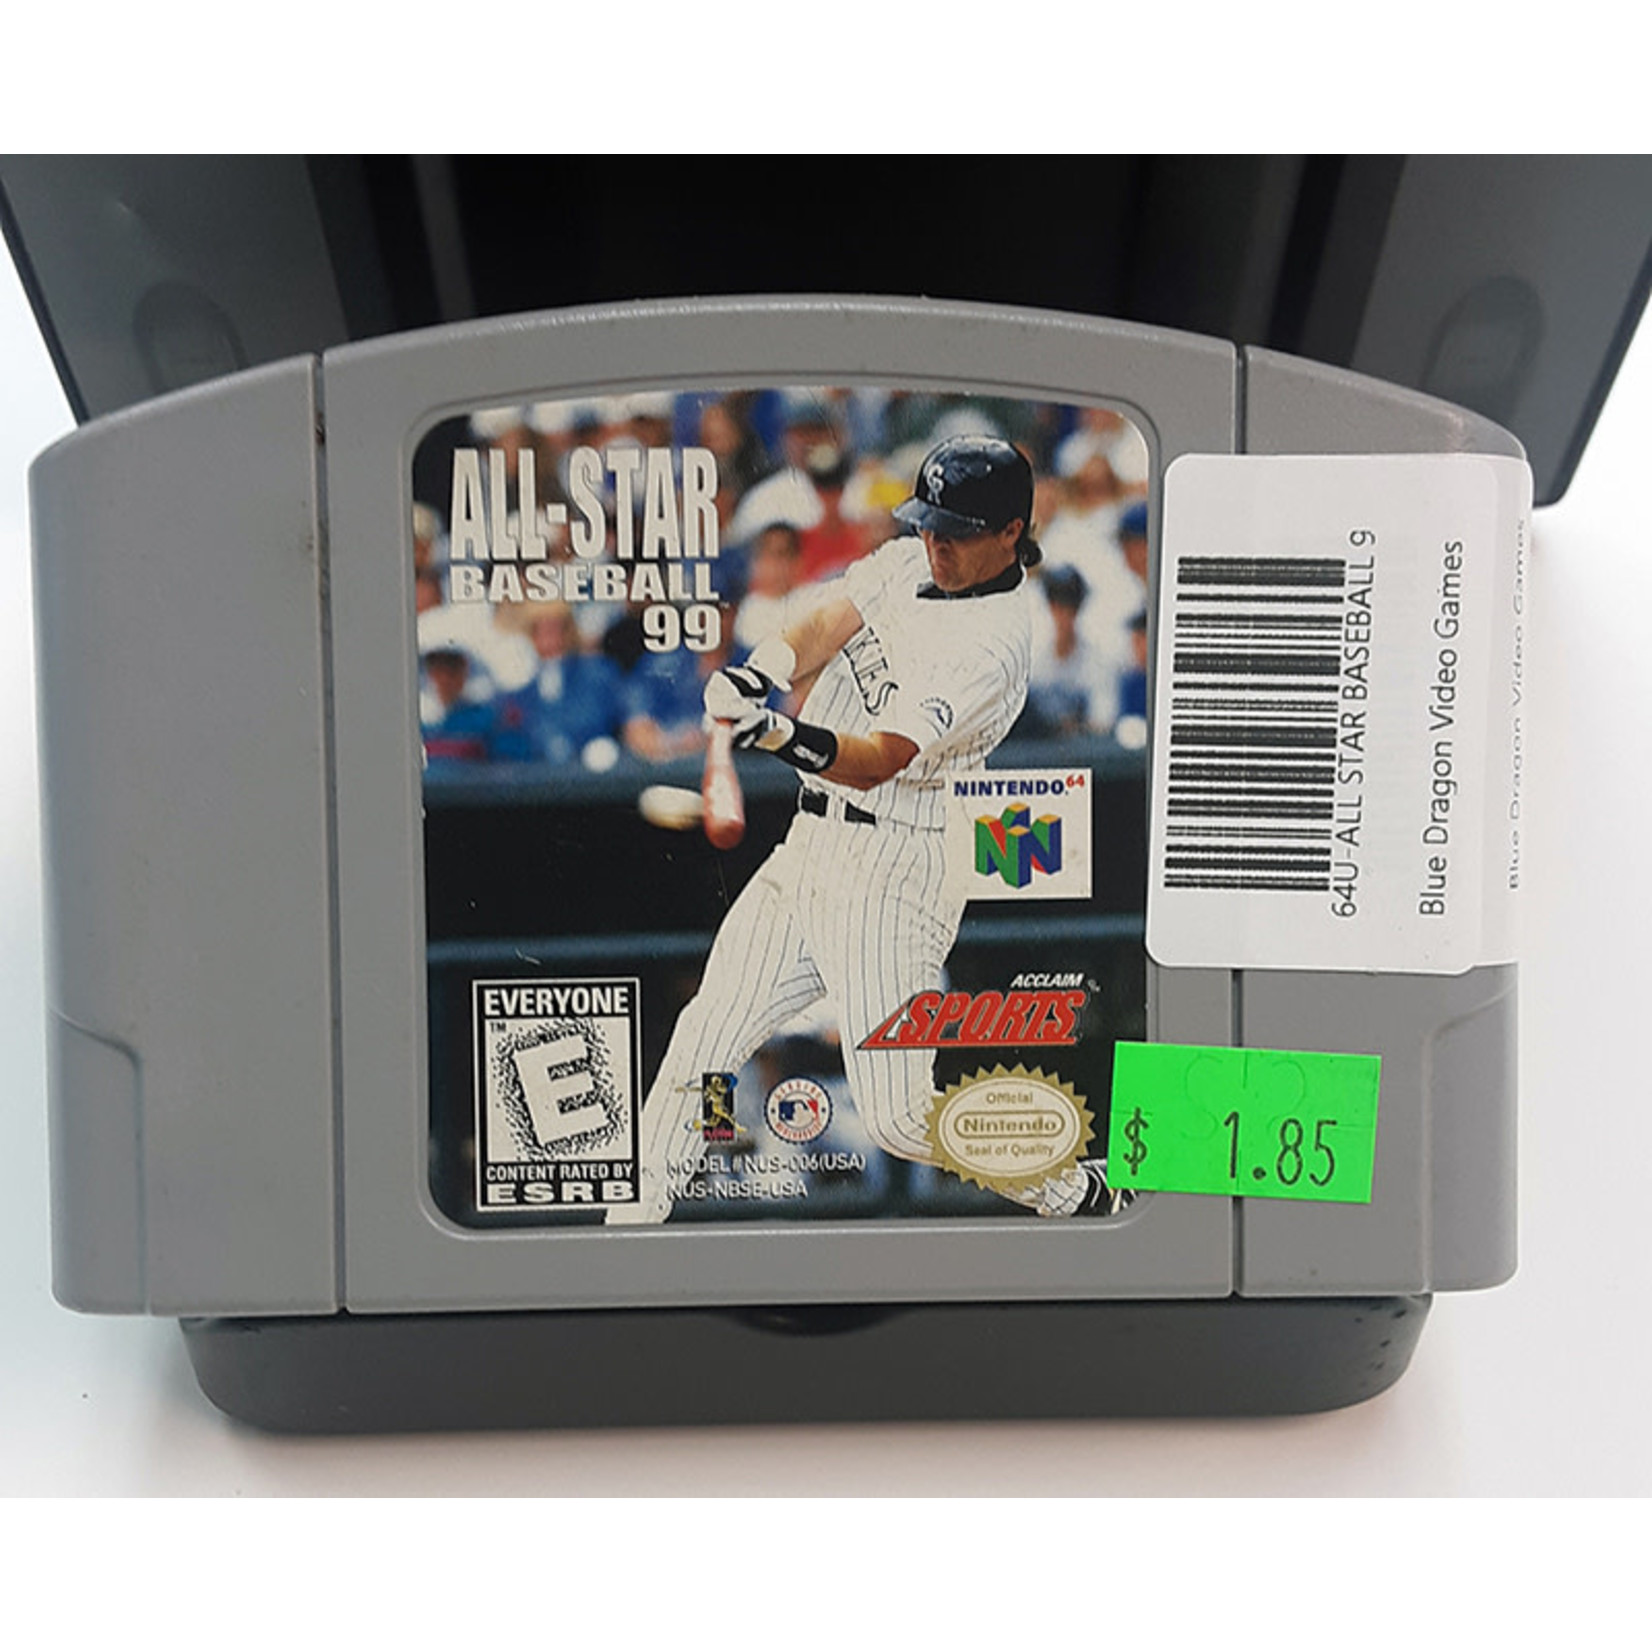 N64U-ALL STAR BASEBALL 99 (cartridge)